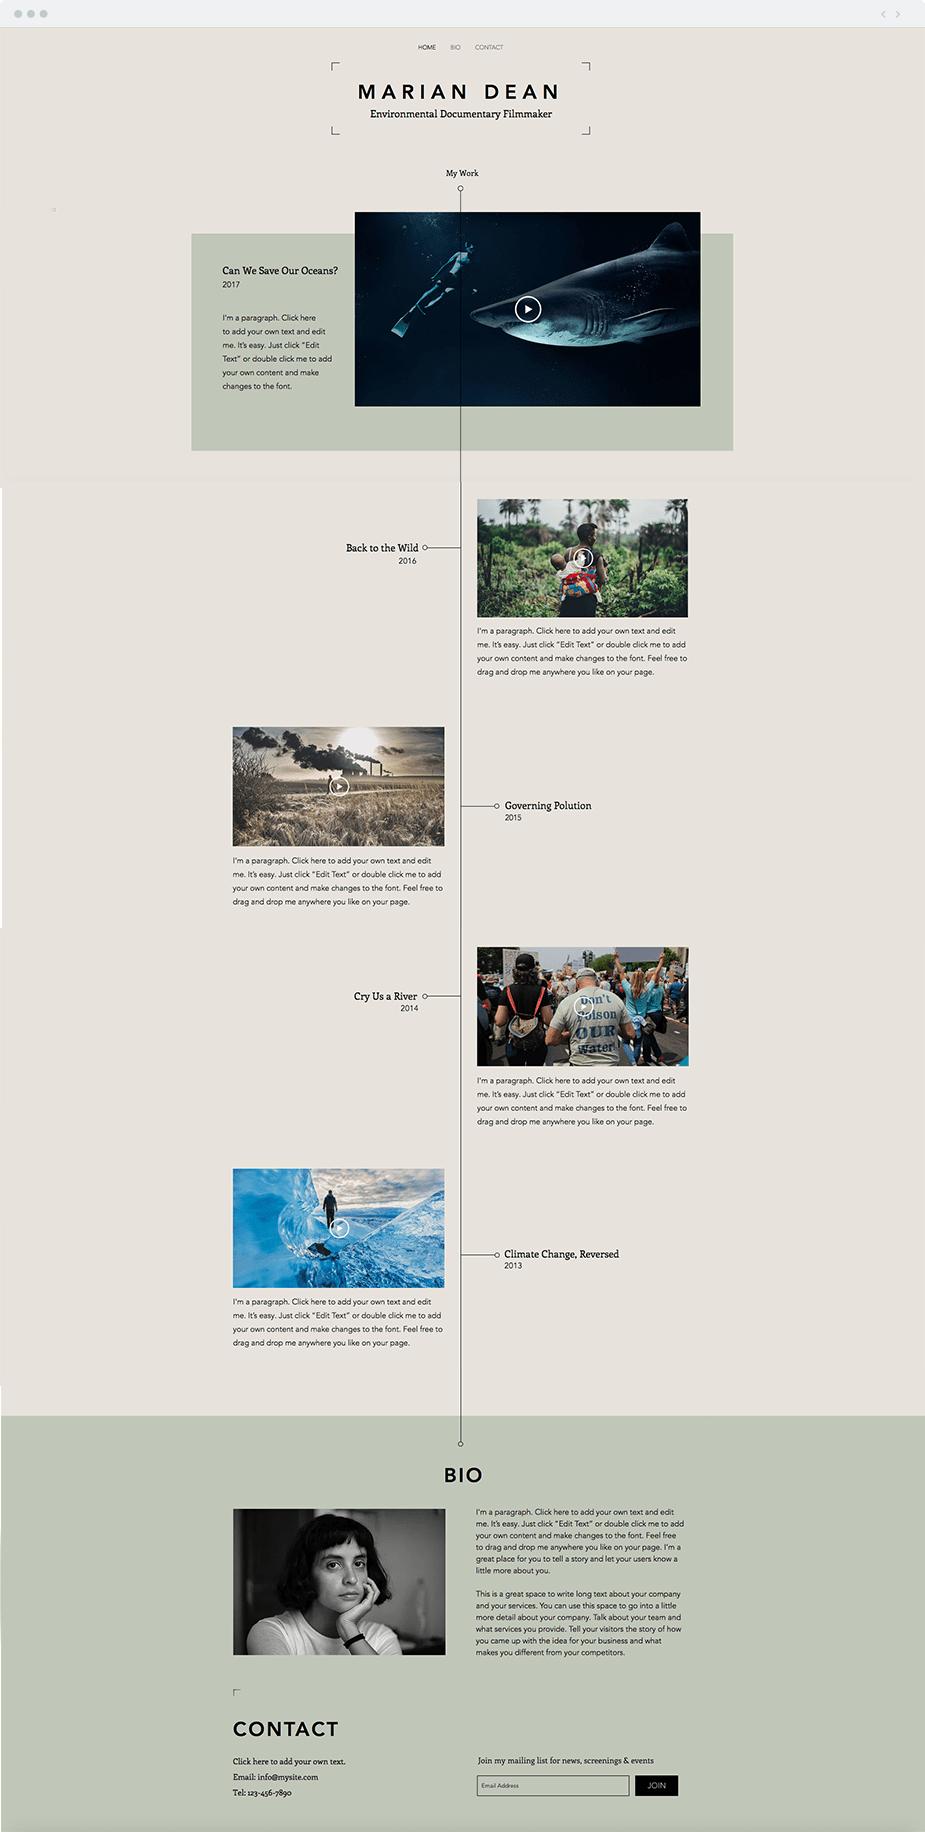 12 Plantillas web perfectas para la industria del cine y el ...